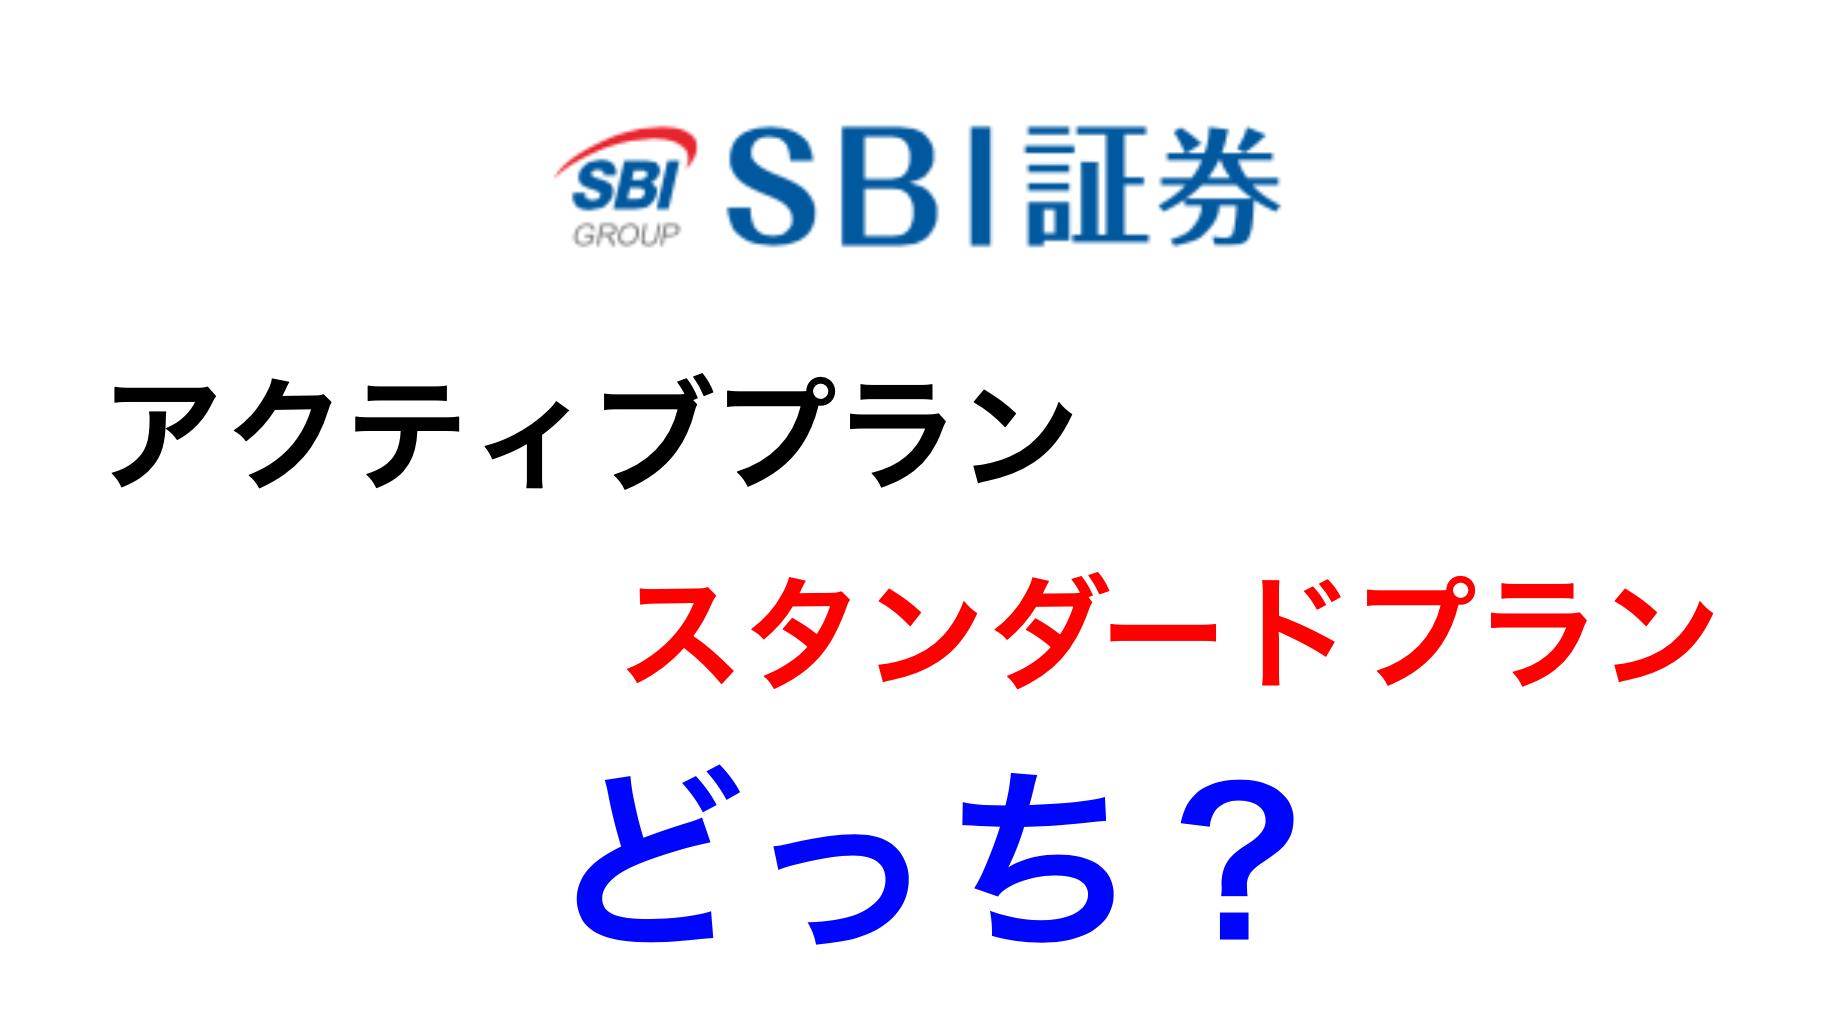 SBI証券 アクティブ スタンダード どっち